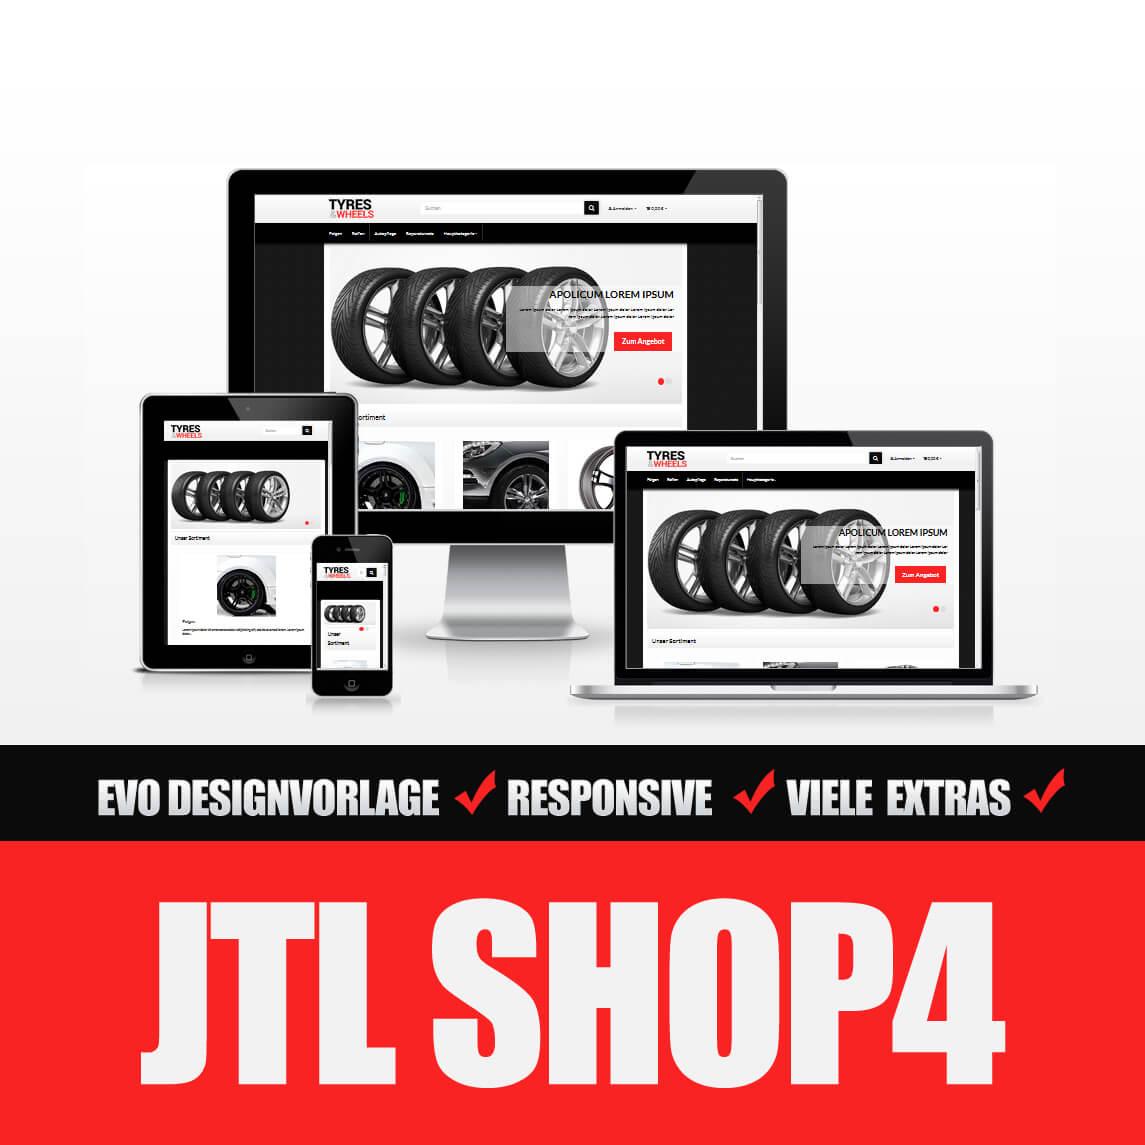 JTL Shop4 Template #2-7